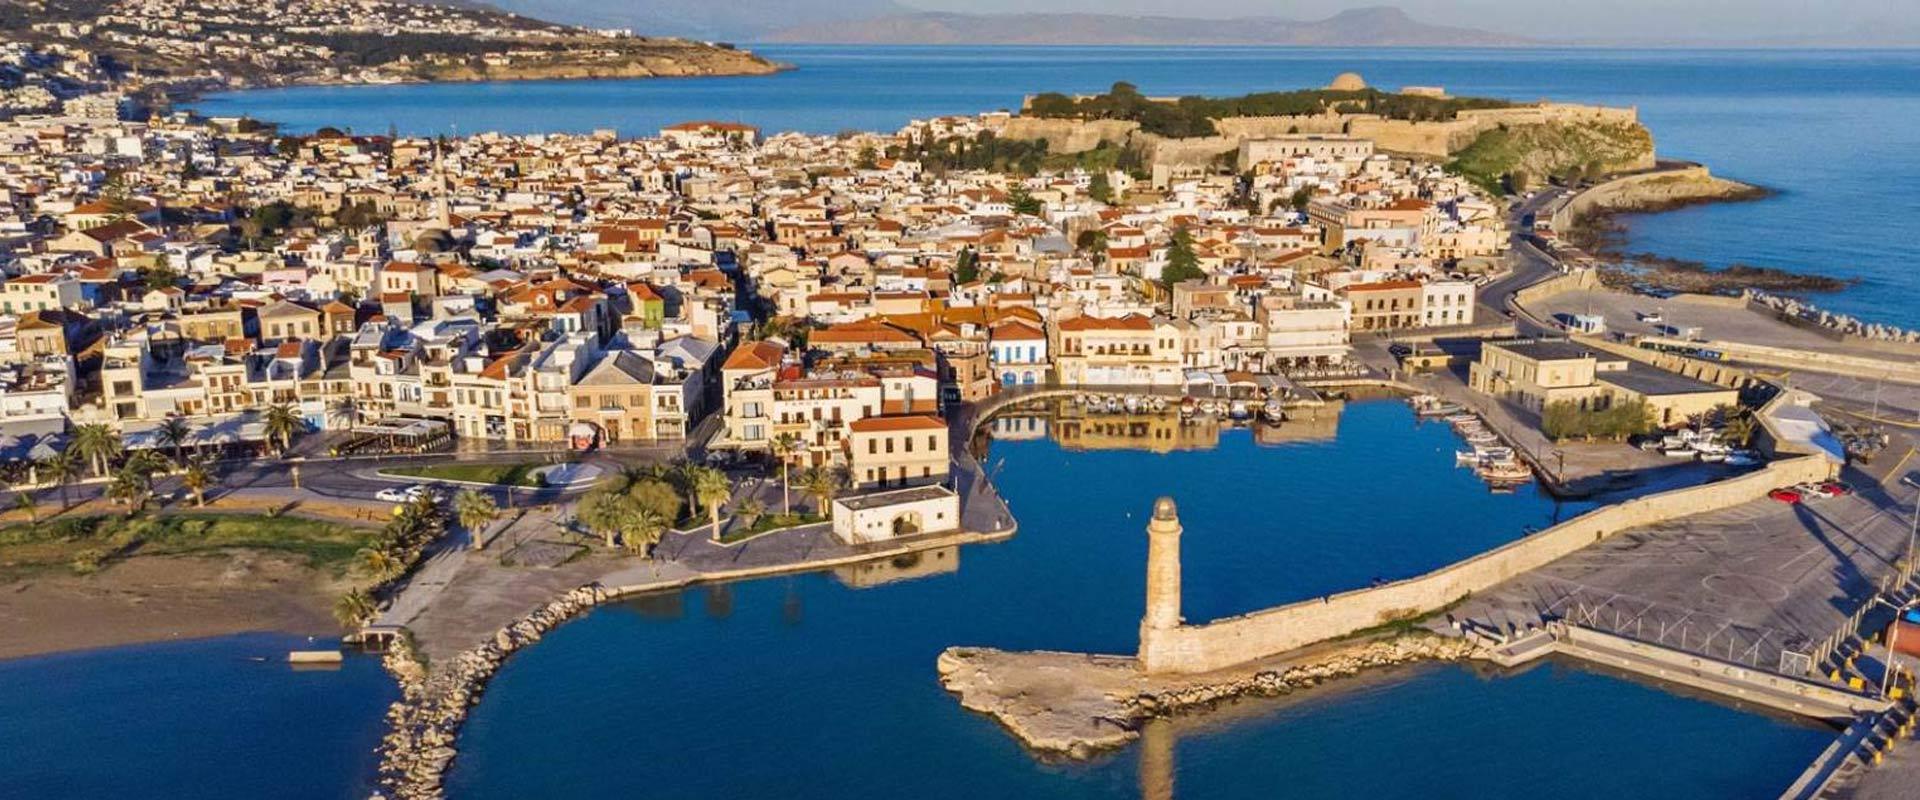 Rethymo city greece crete